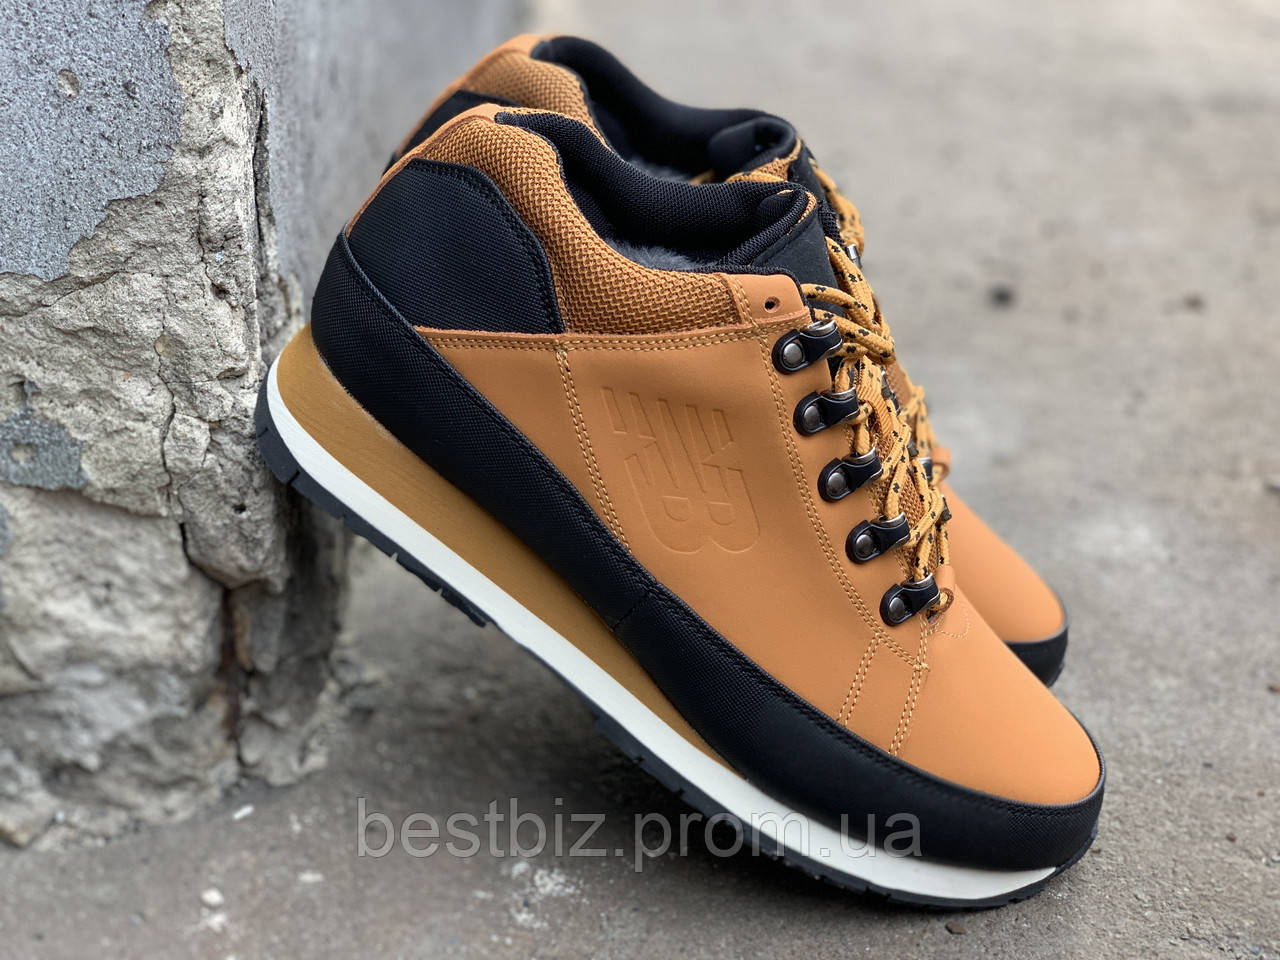 Зимові кросівки (на хутрі) New Balance 754 4-057 ⏩ [45 останній розмір ]